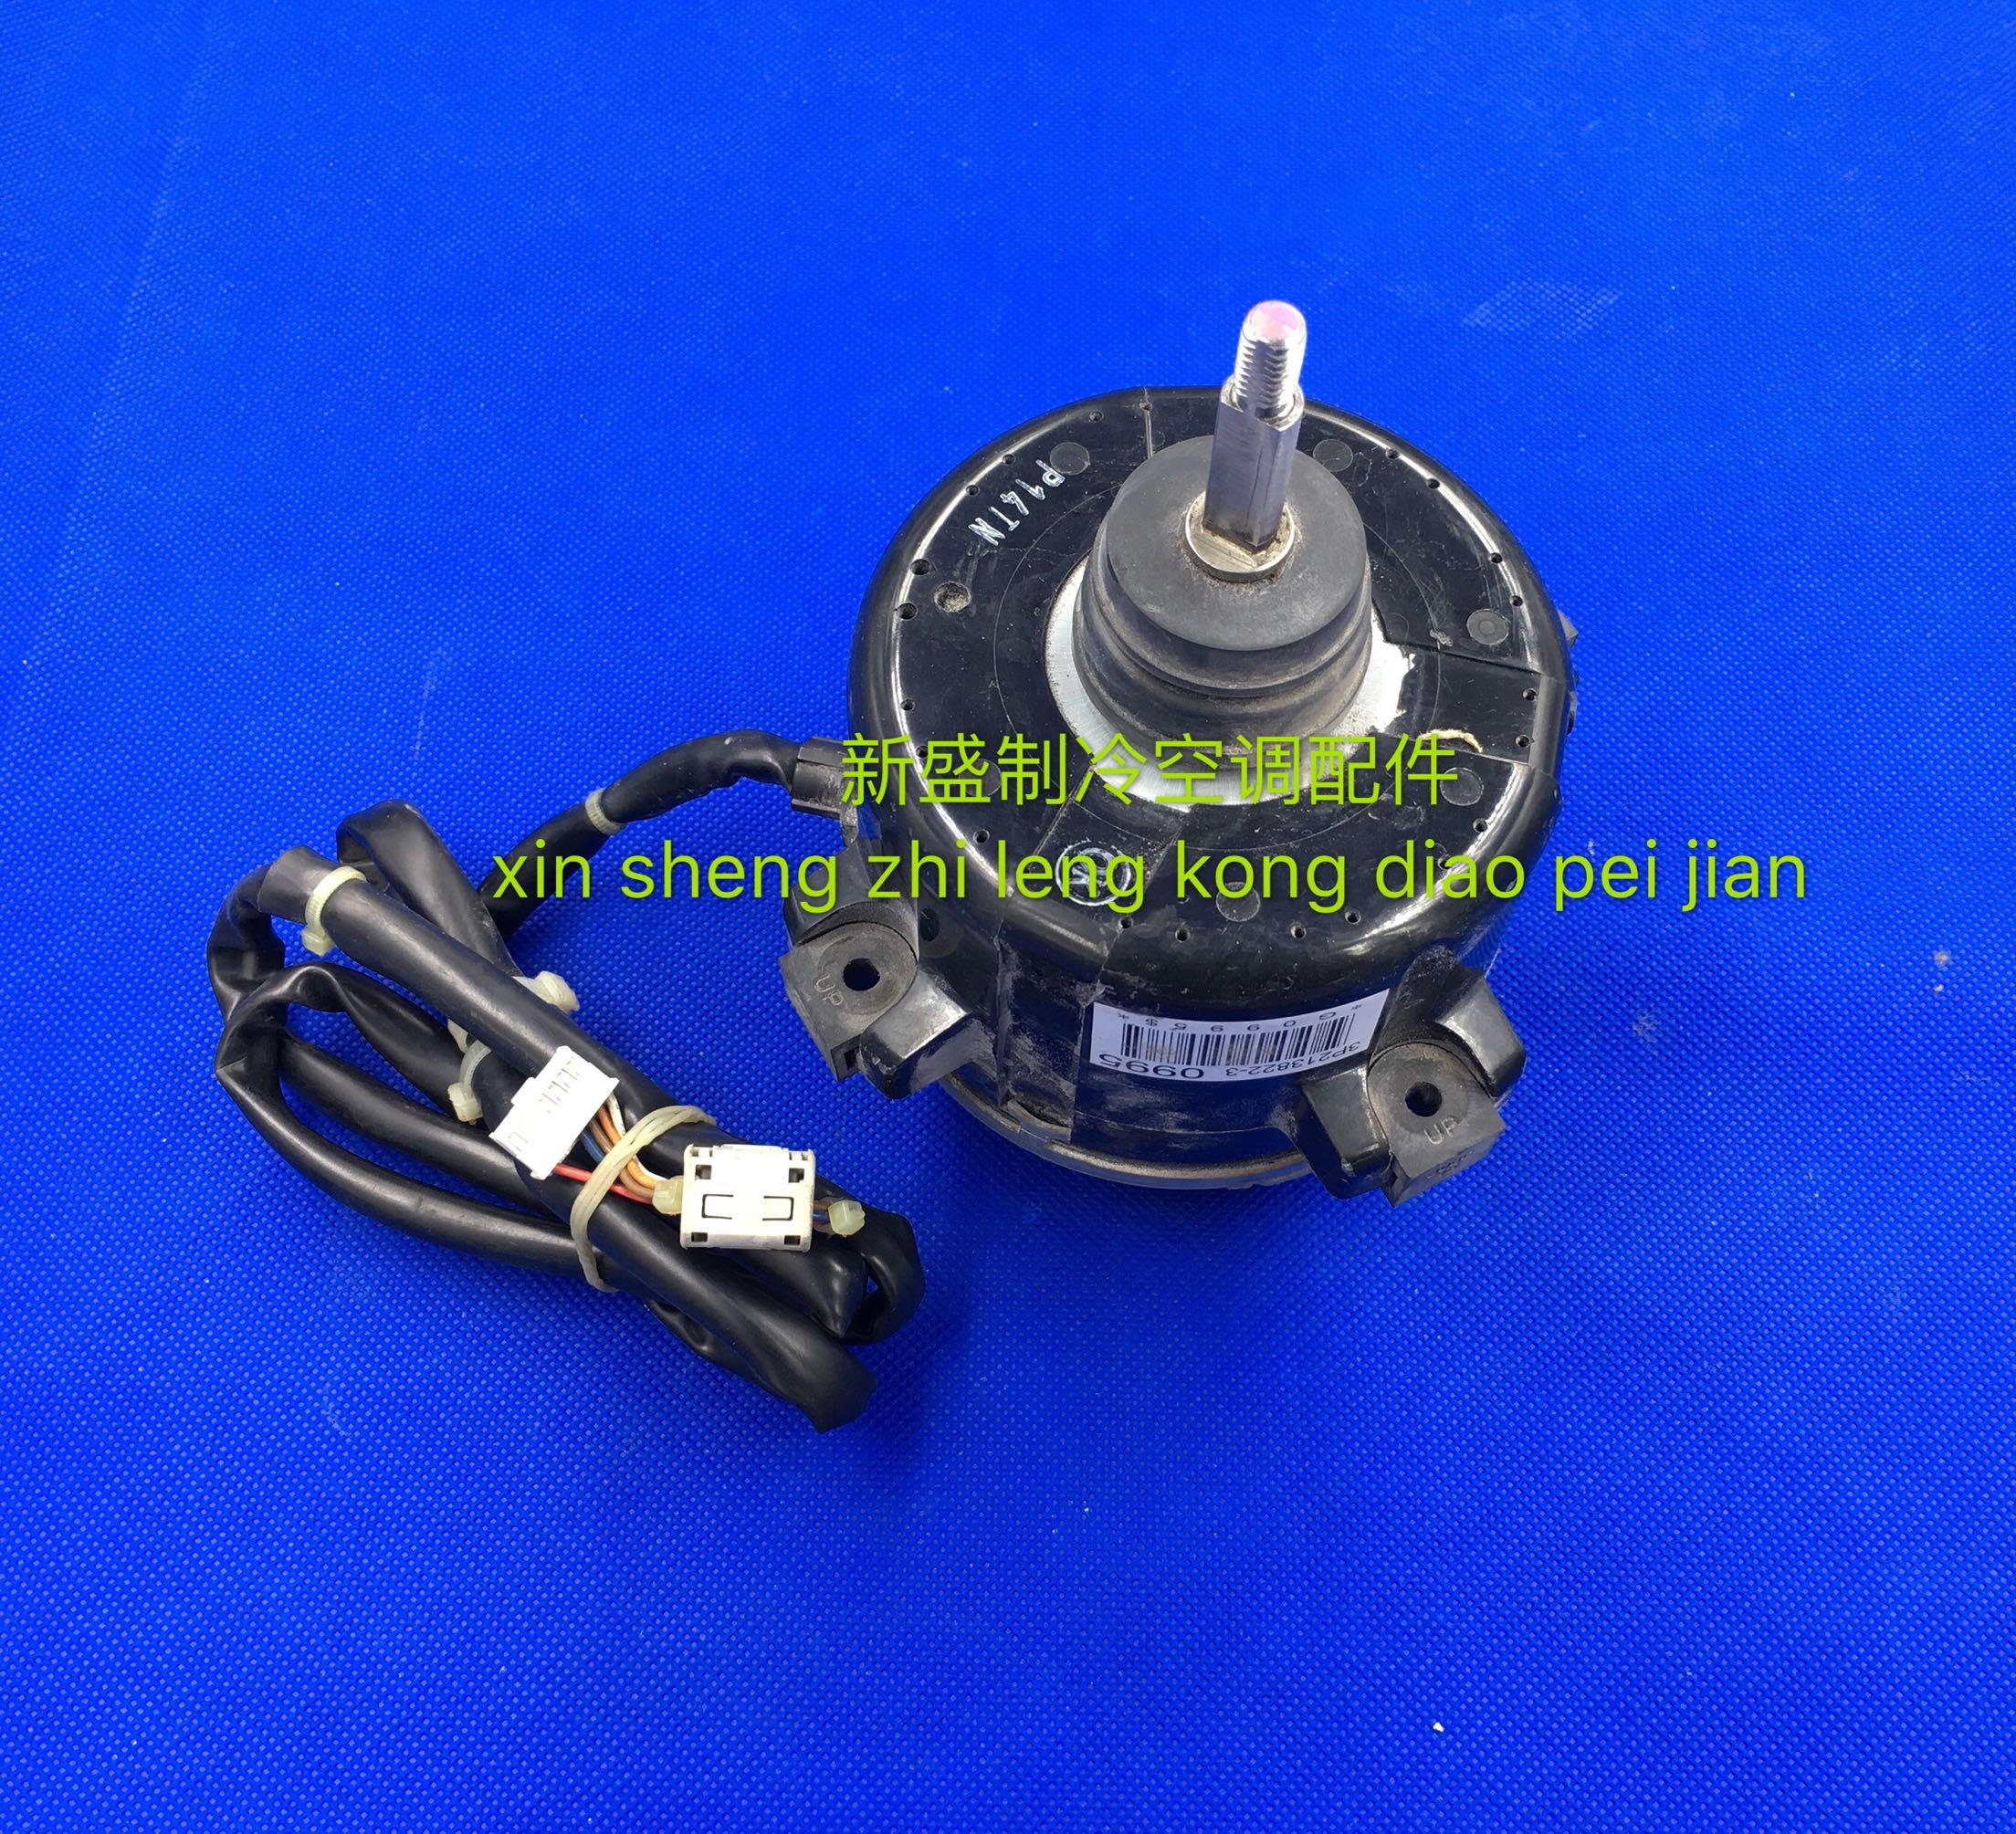 Daikin klimaanlagen - zubehör, außerhalb der Maschine 3P213822-30995 Motor - fan